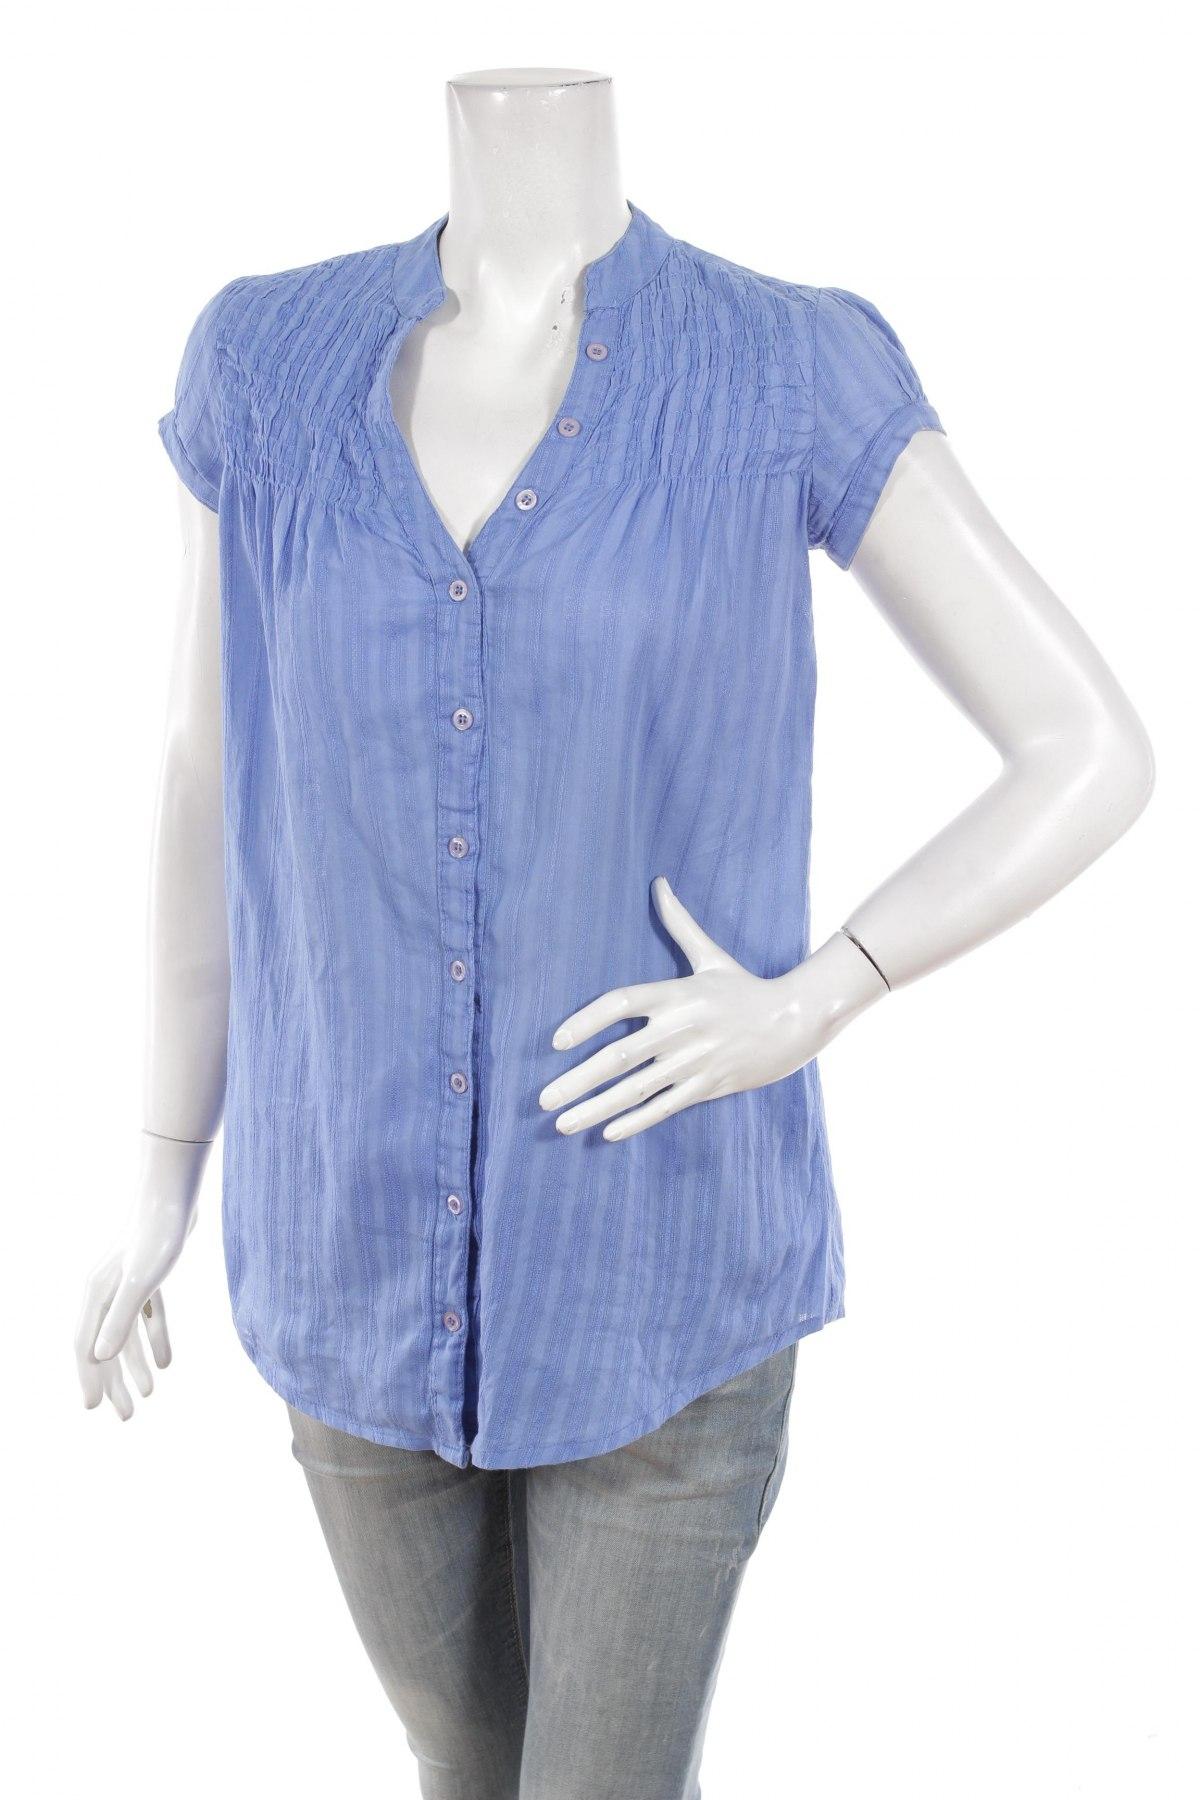 Γυναικείο πουκάμισο Stradivarius, Μέγεθος M, Χρώμα Μπλέ, 100% βαμβάκι, Τιμή 11,13€